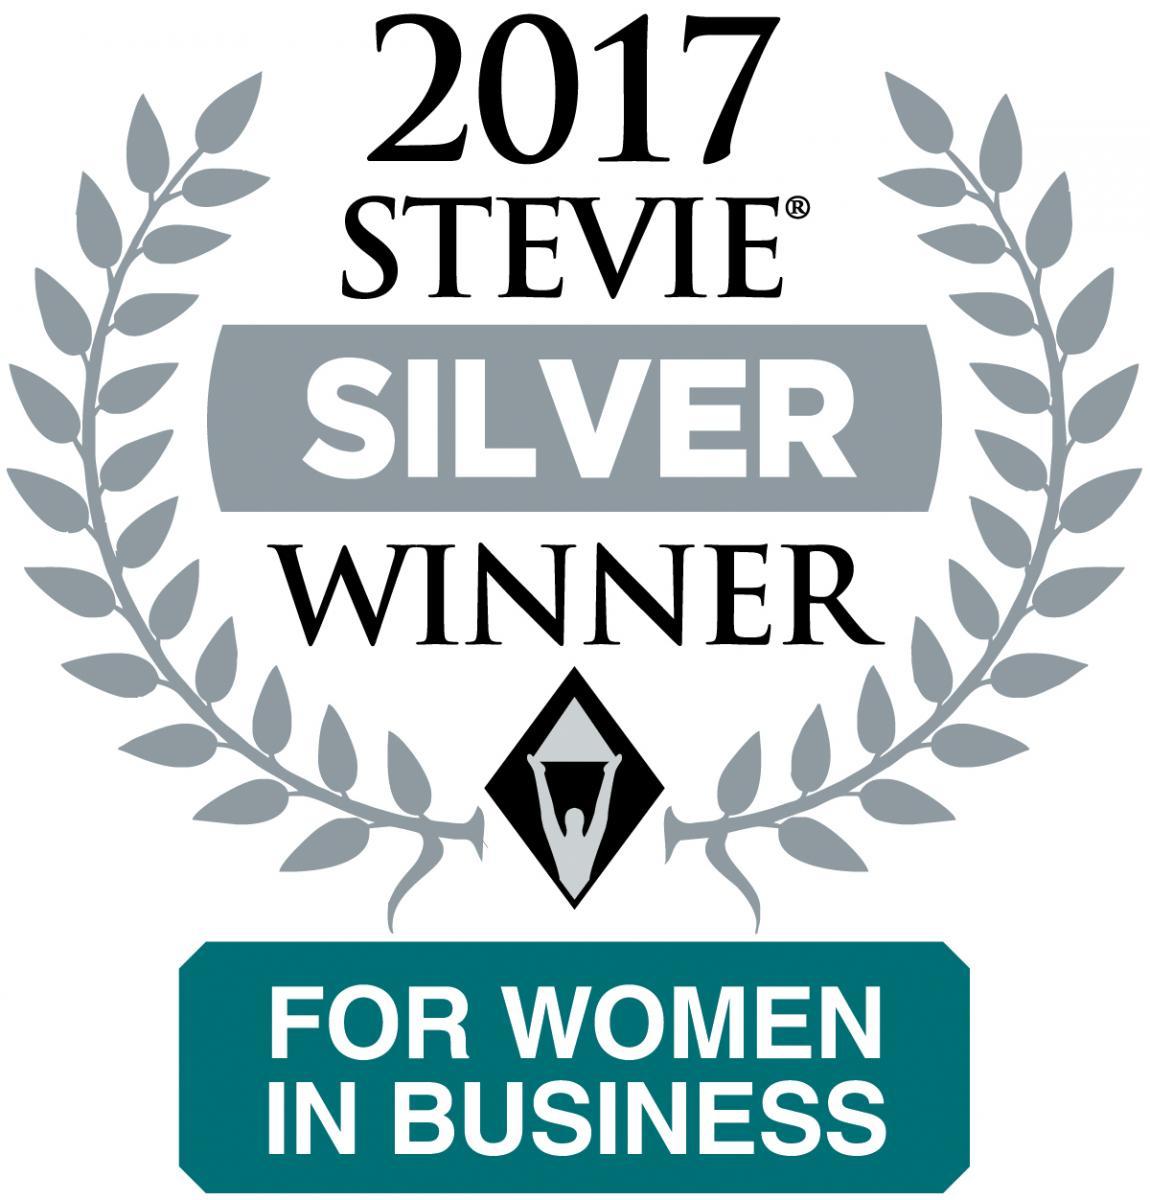 Silver Stevie Winner